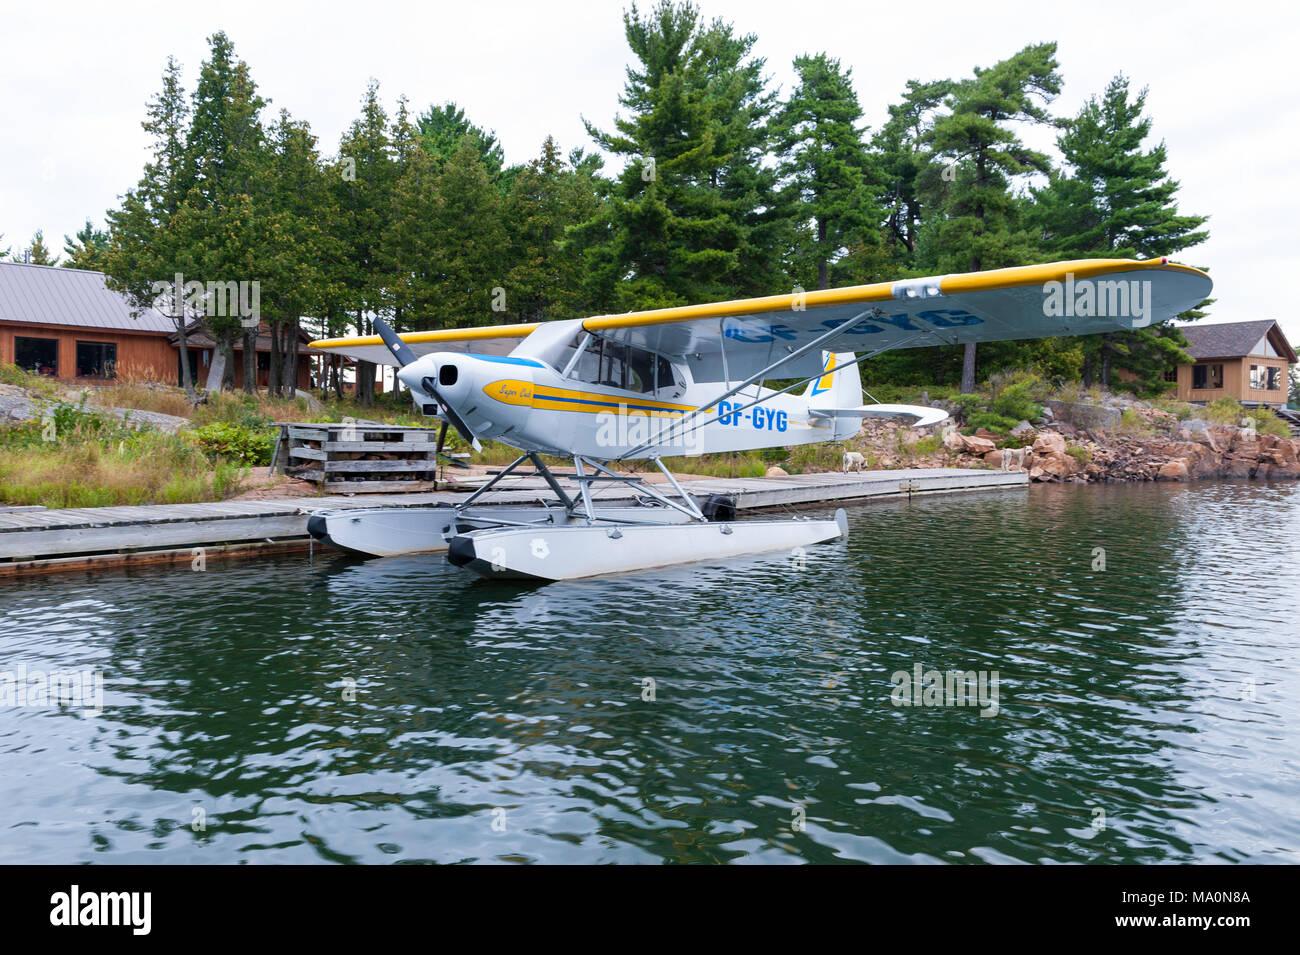 The Piper PA-18 Super Cub - Stock Image